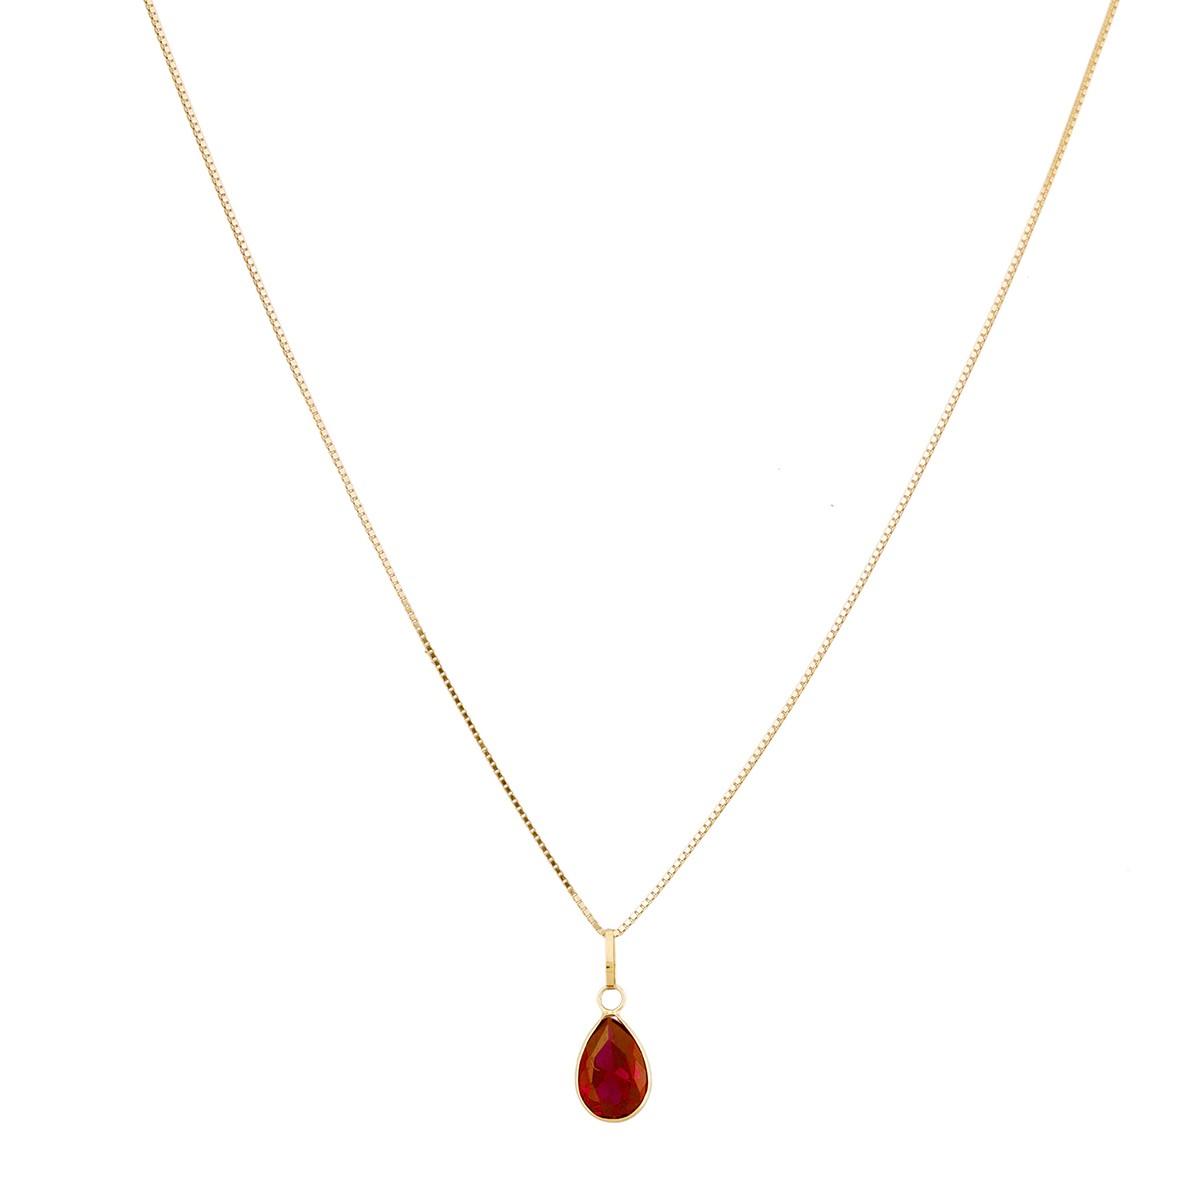 Colar Gargantilha Veneziana 45cm Ponto De Luz Gota Vermelha Rubi Em Ouro 18k